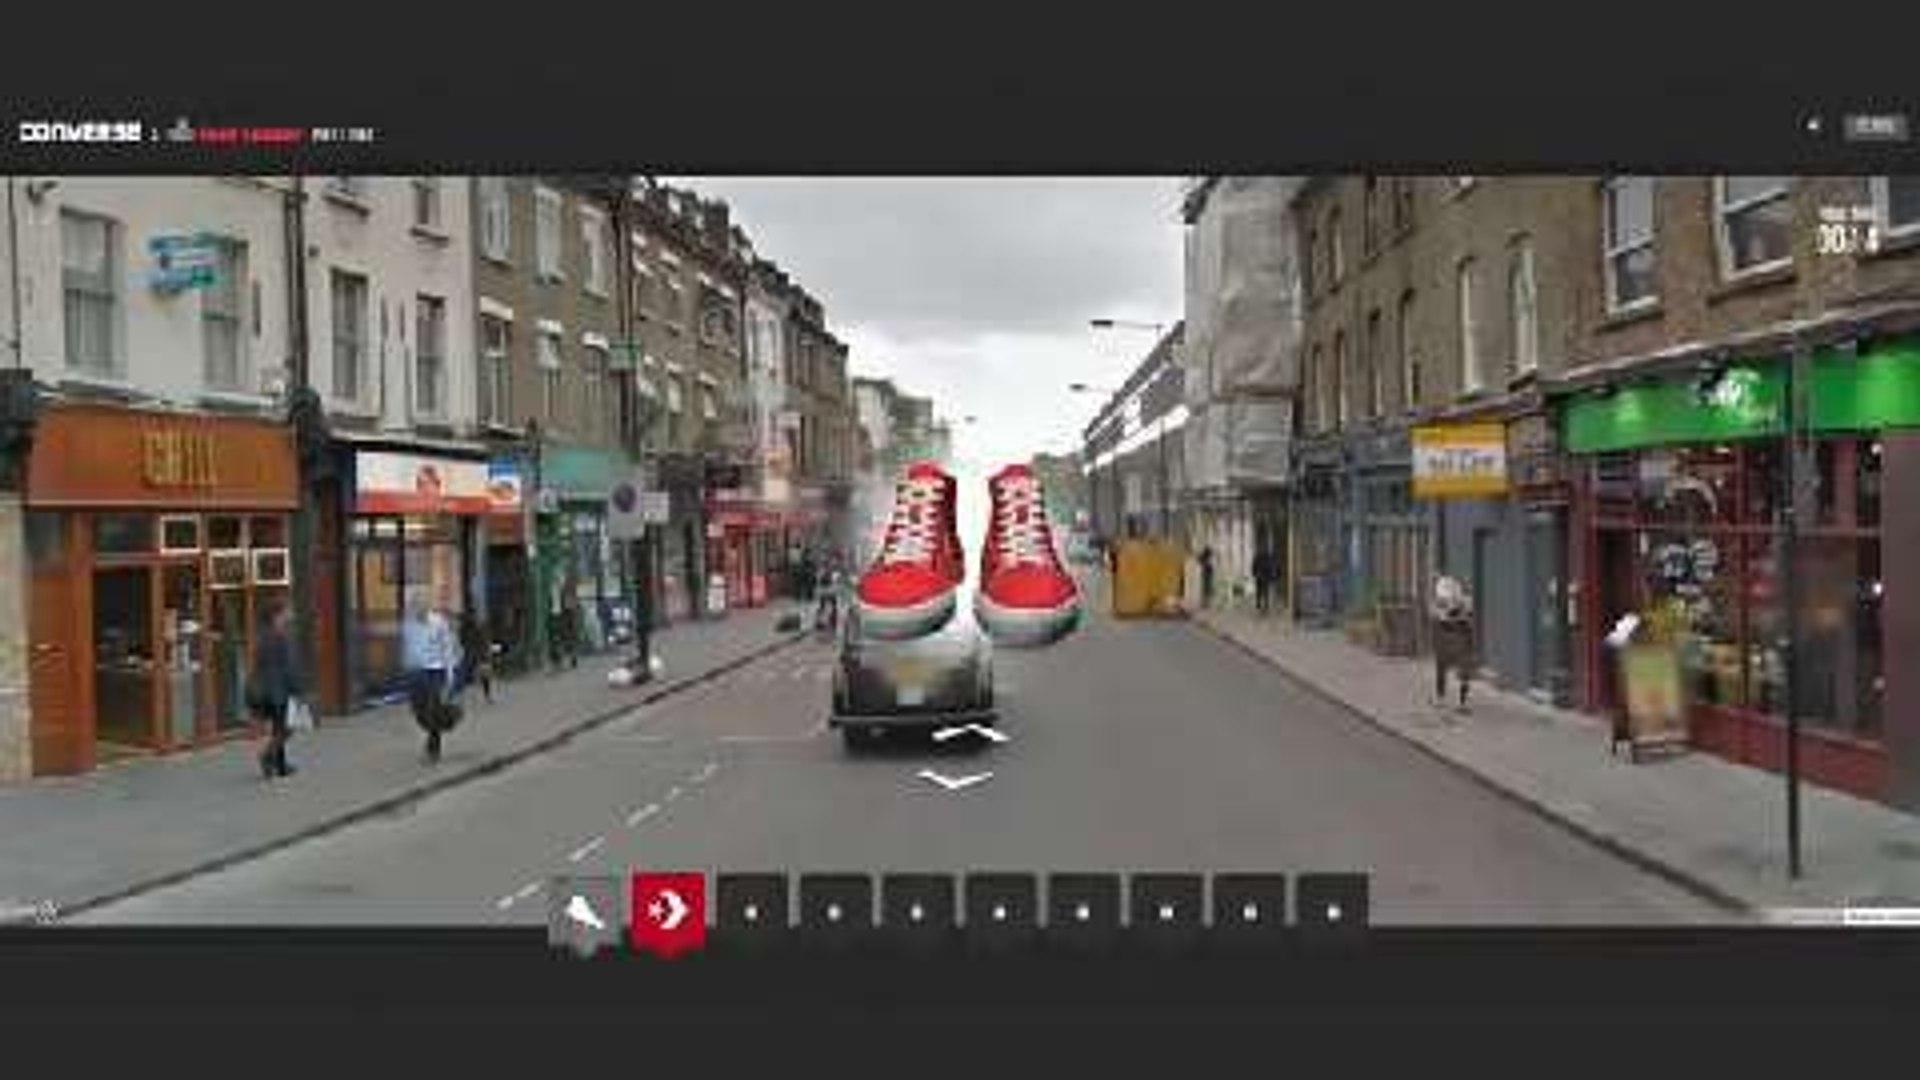 Google I/O 2013- Google Maps